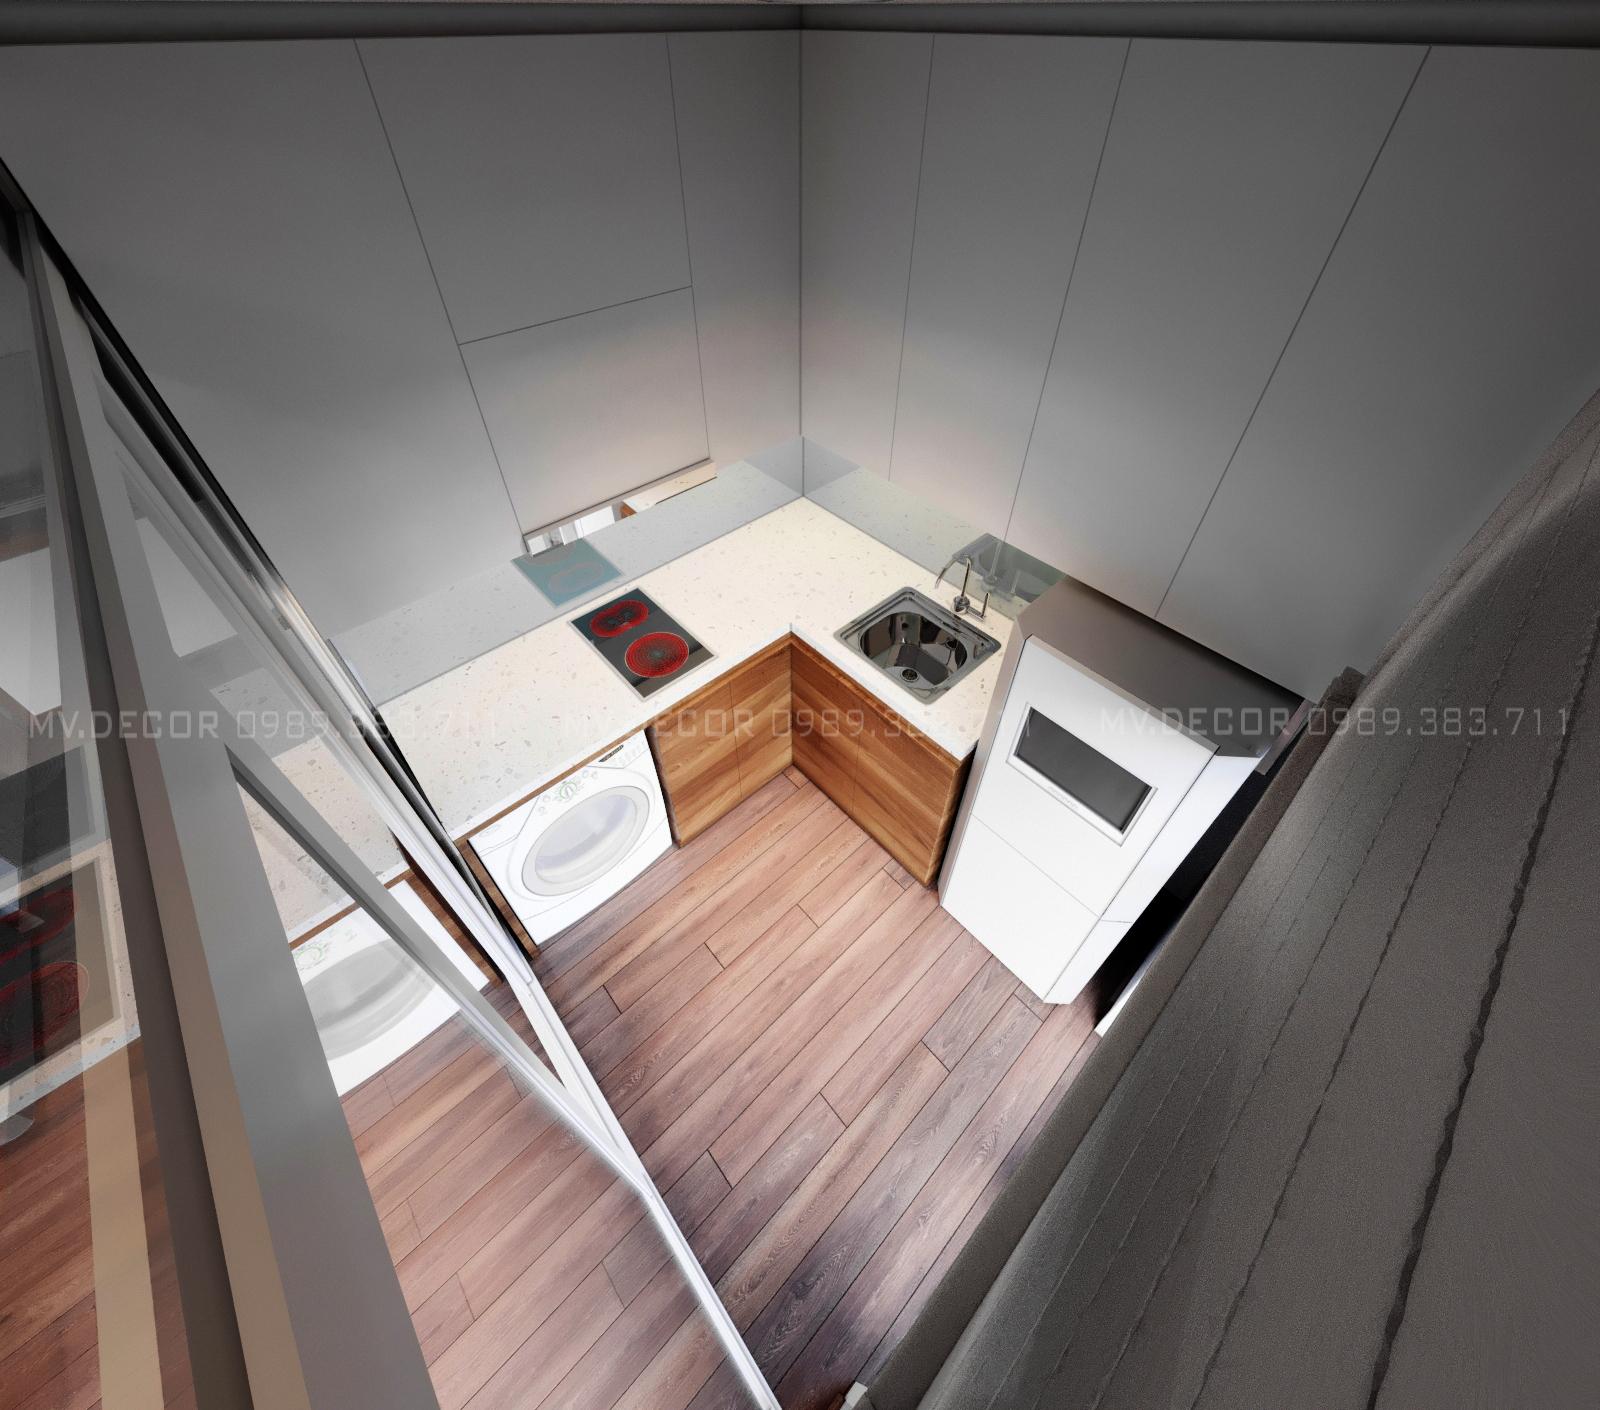 thiết kế nội thất Khách Sạn tại Hải Phòng căn hộ khách sạn cho thuê  2 1562943963